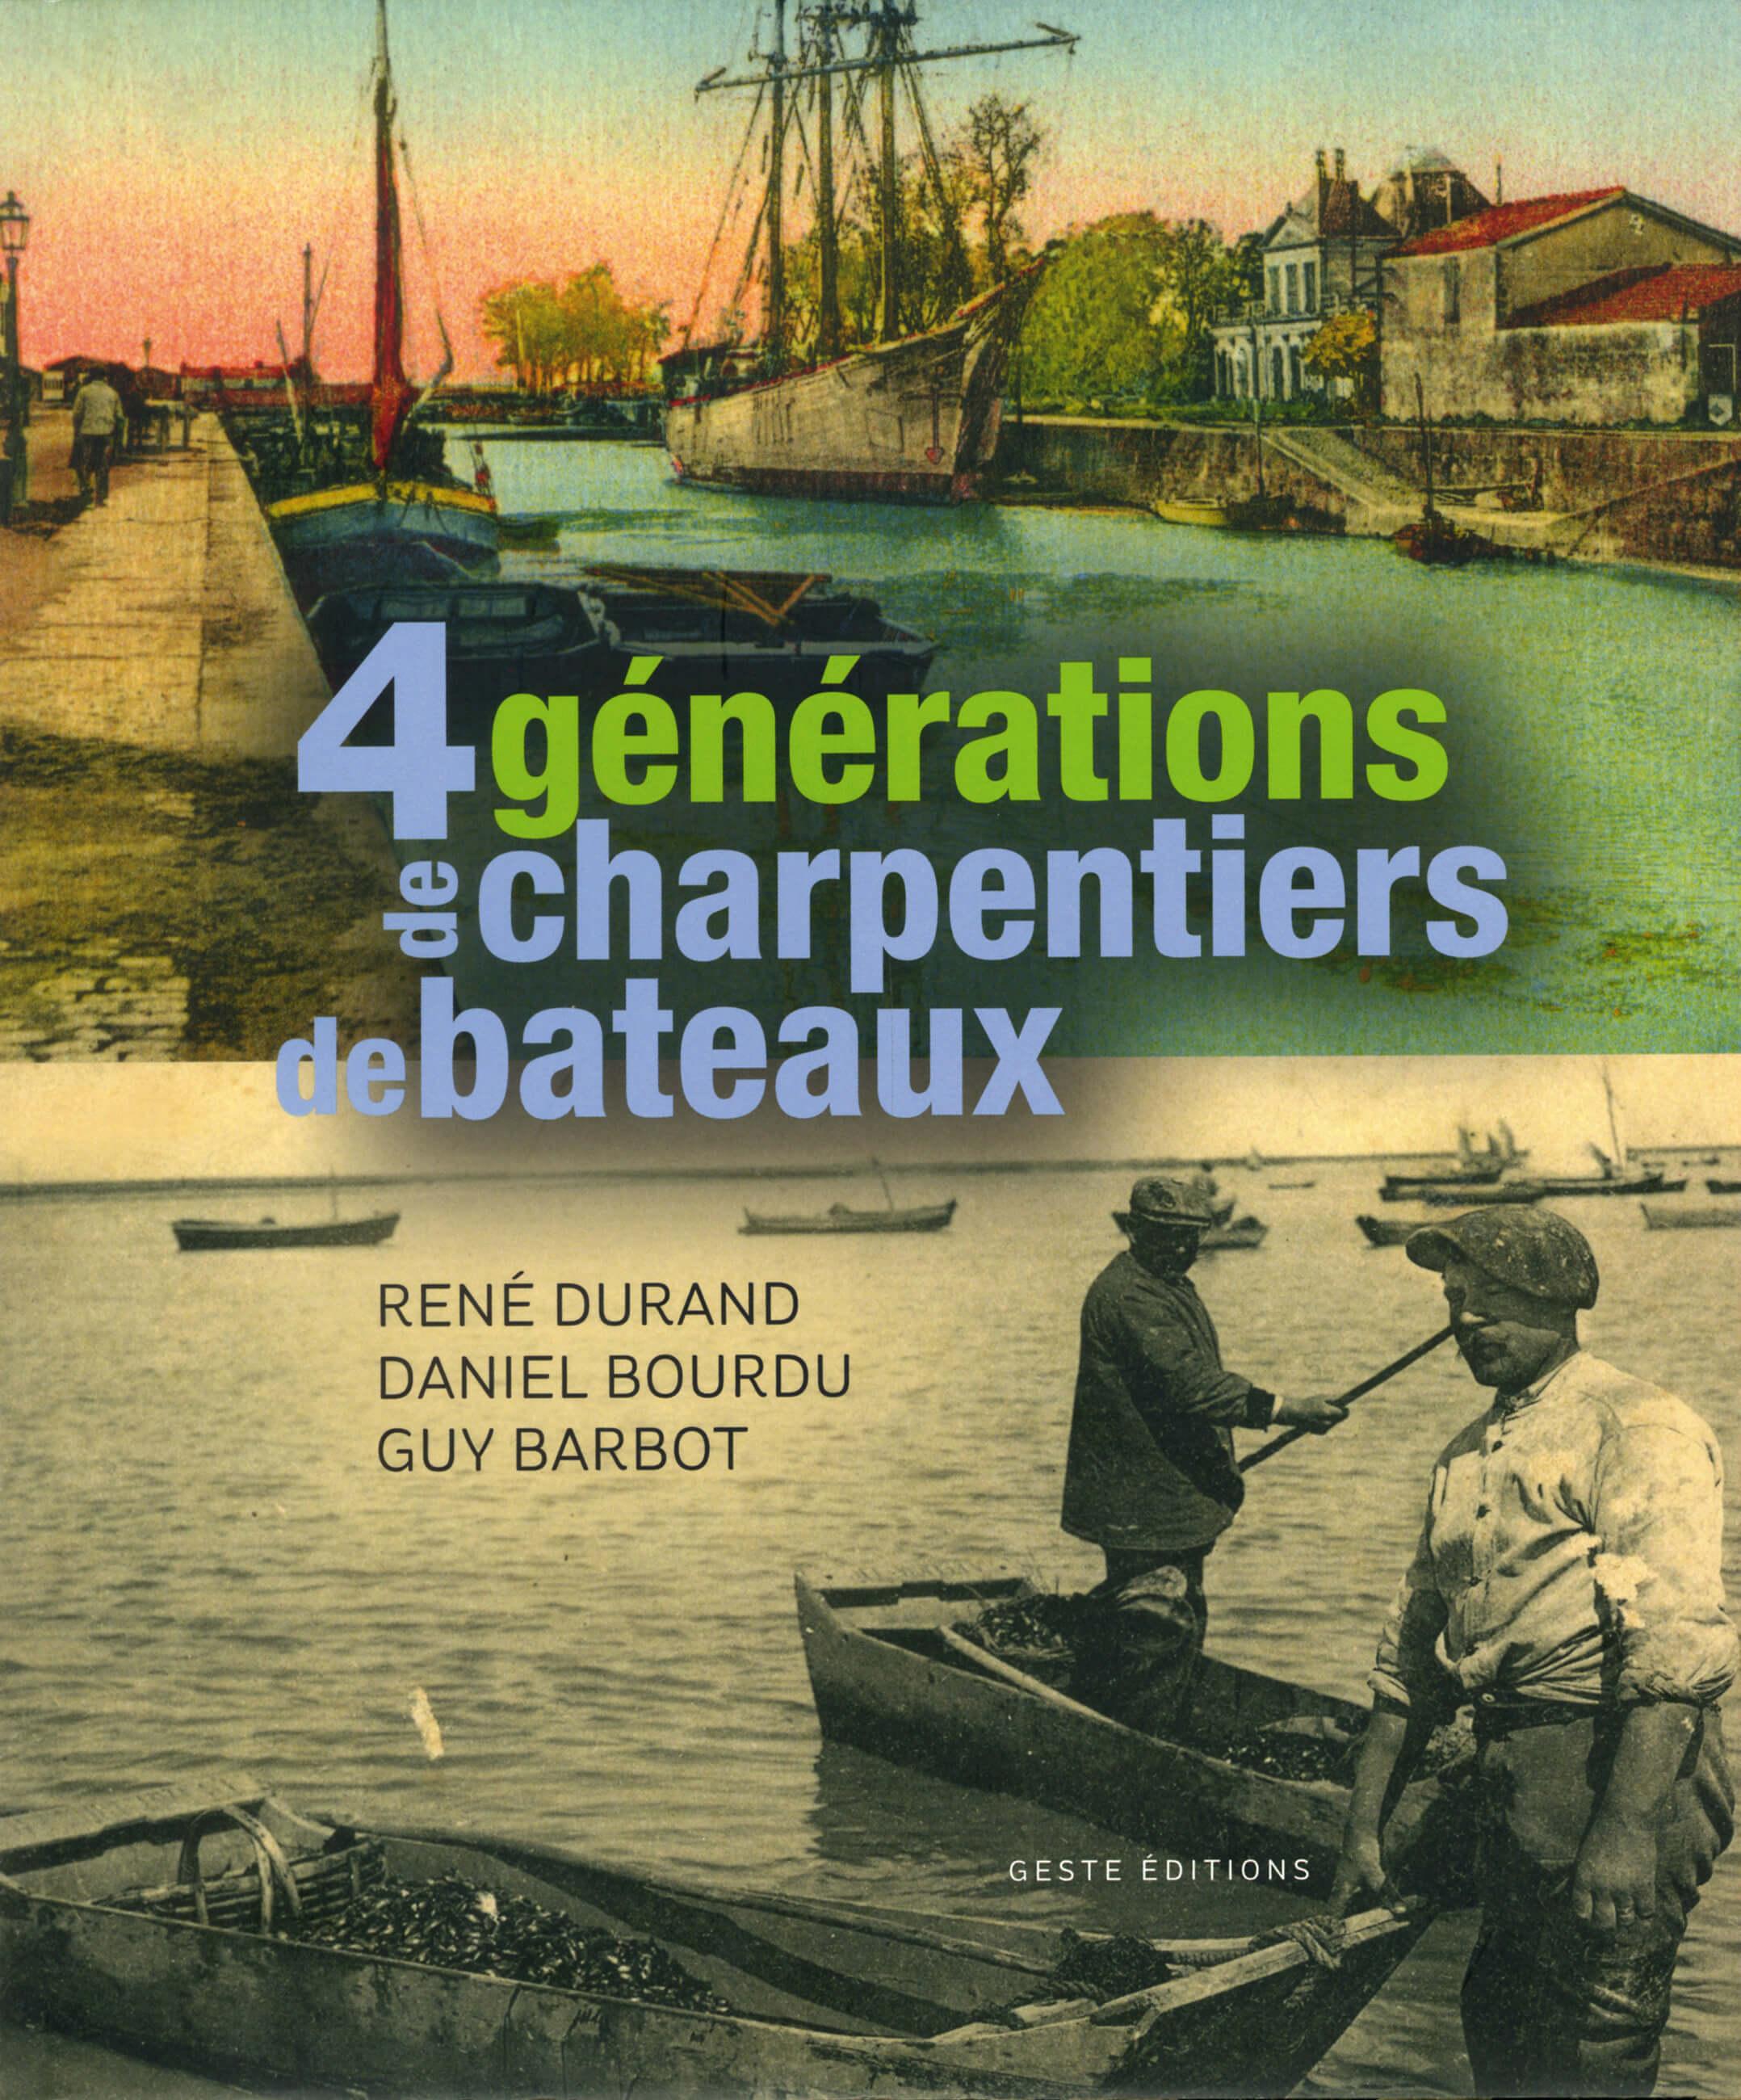 René DURAND - Daniel BOURDU - Guy BARDOT - Quatre générations de charpentiers de bateaux - 1re de couverture - PDM 2013